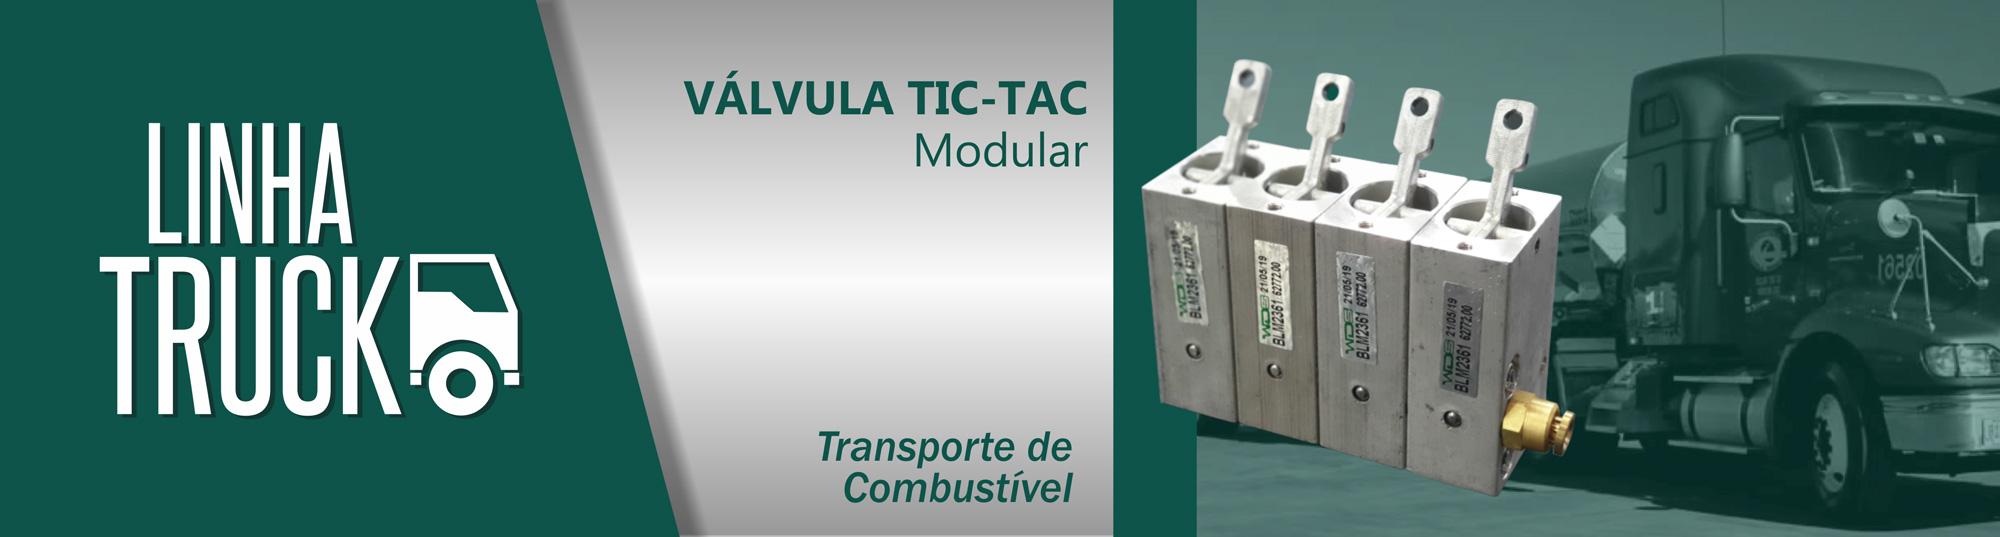 banner-Válvula-Tic-Tac-Modular